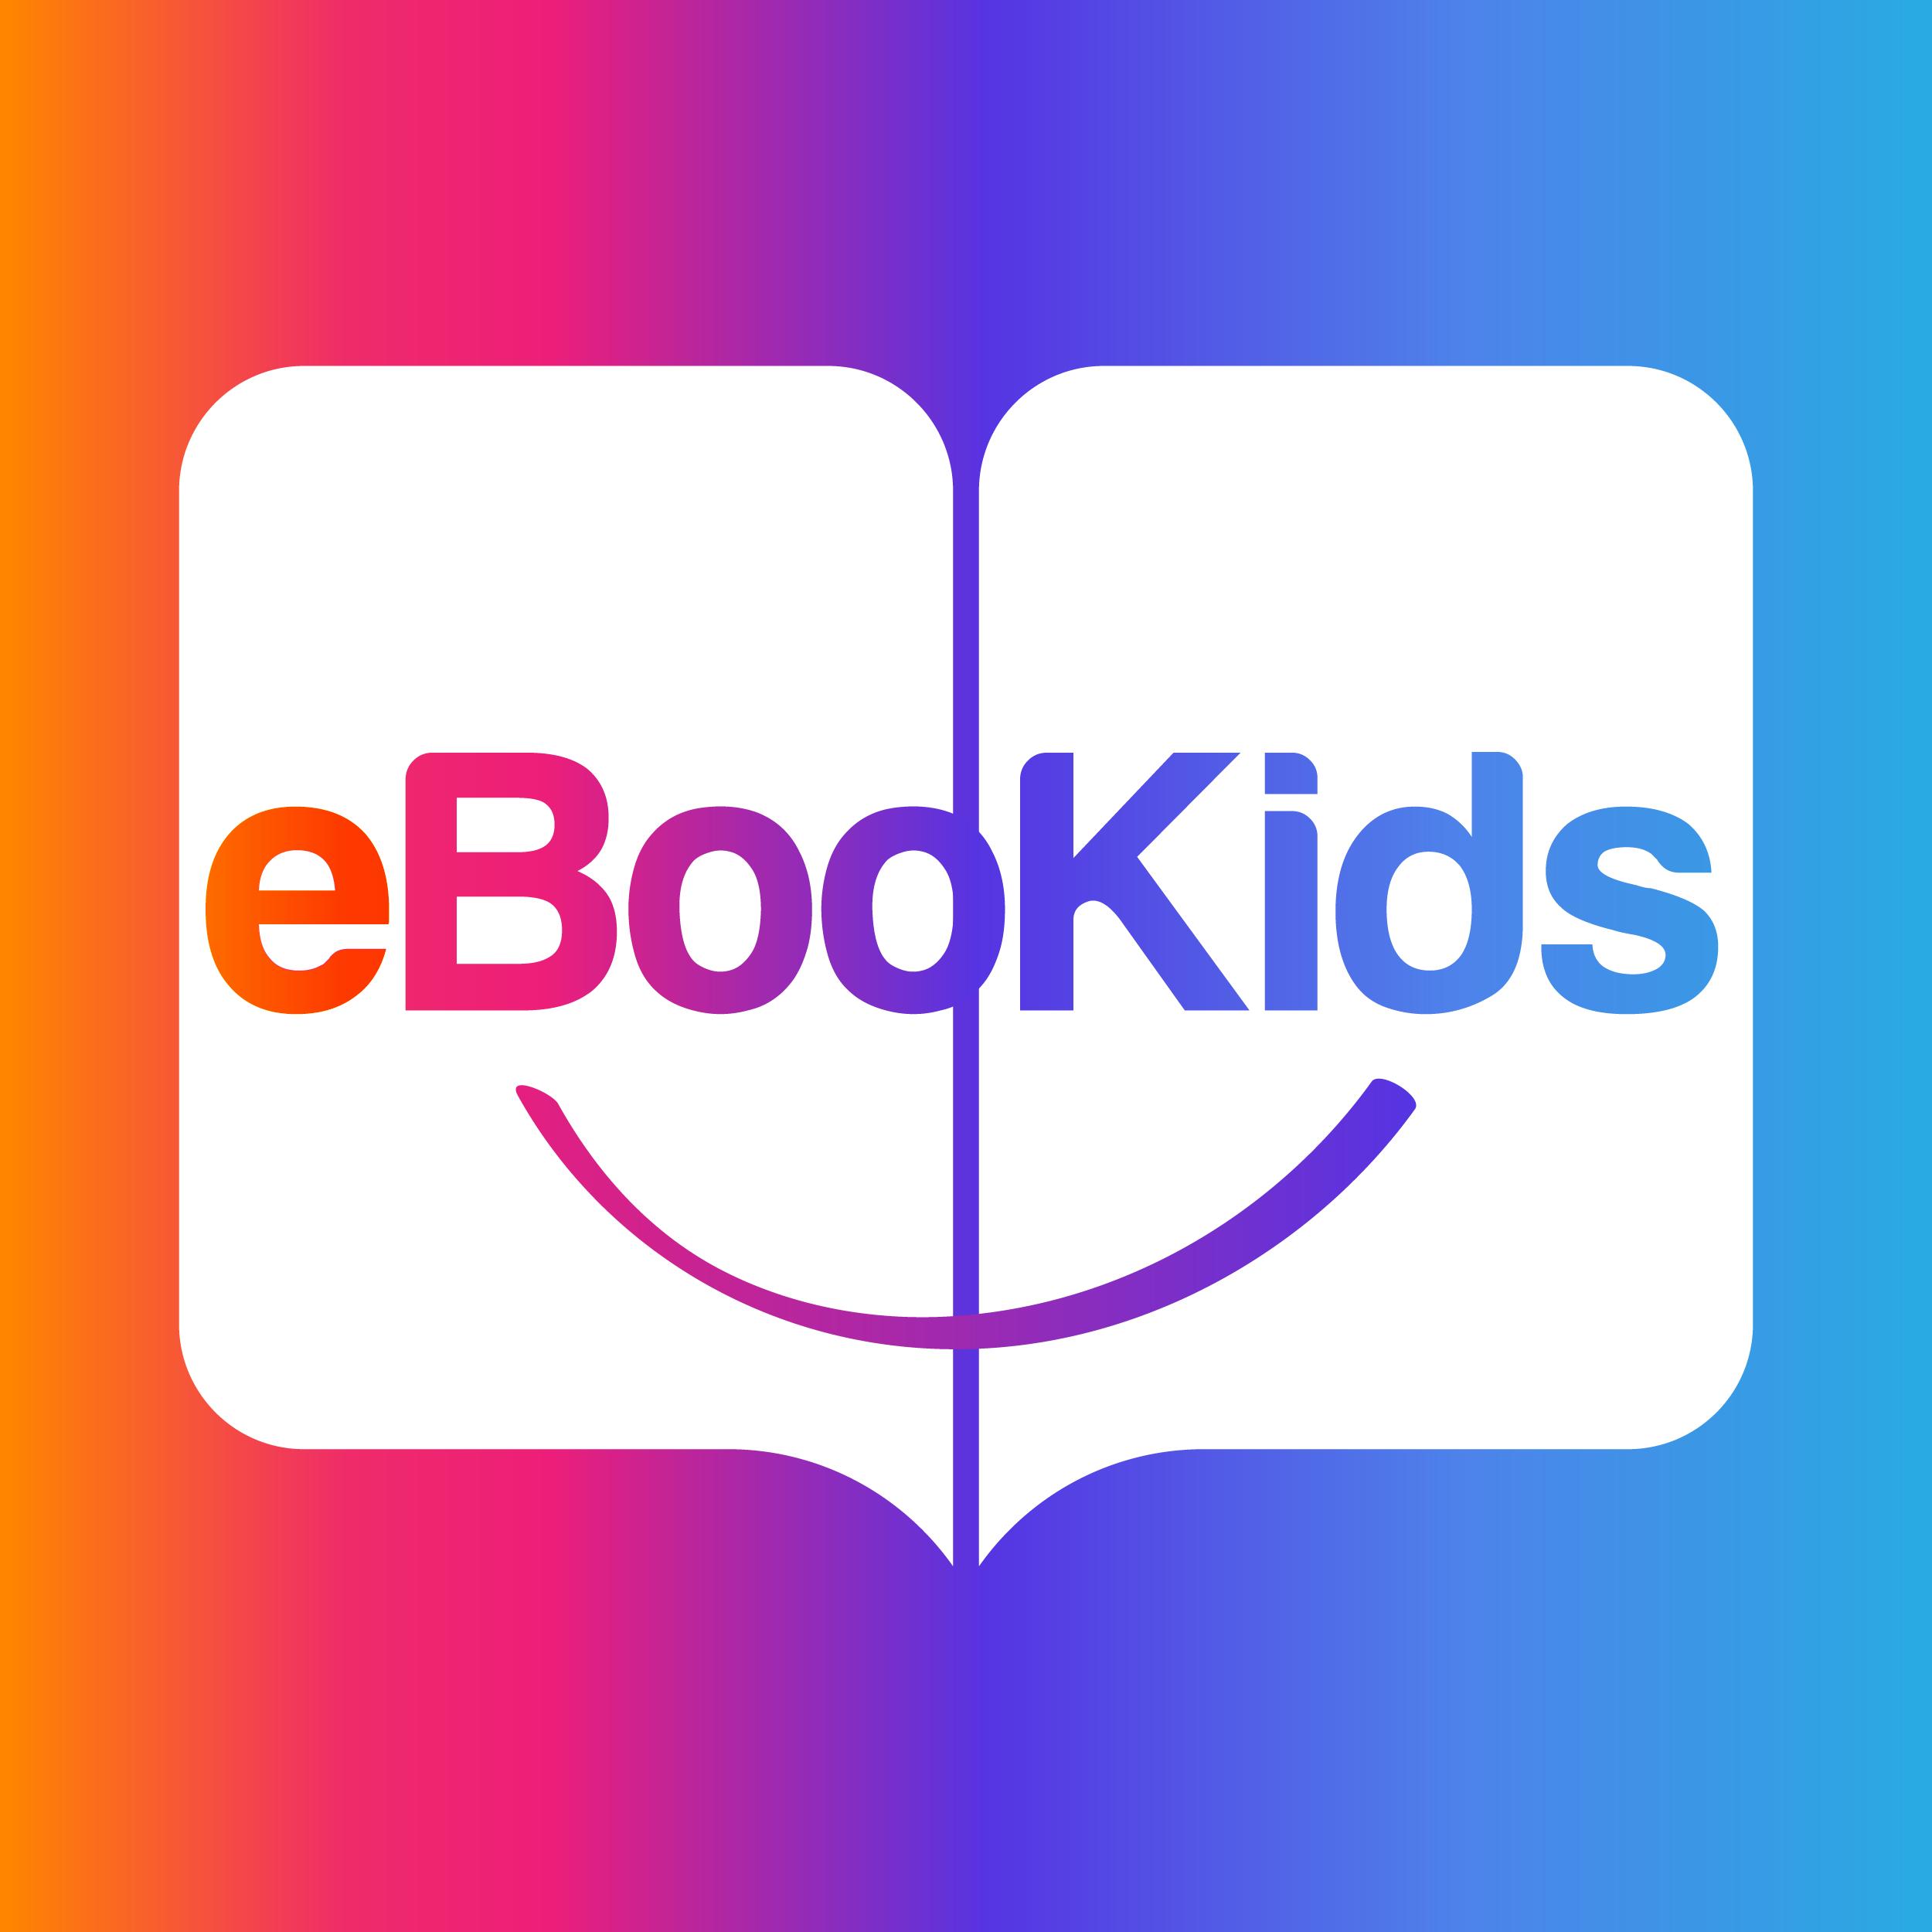 308 Livres Audio À Écouter Pour Les Enfants | Livres Enfants intérieur Jeux 3 Ans En Ligne Gratuit